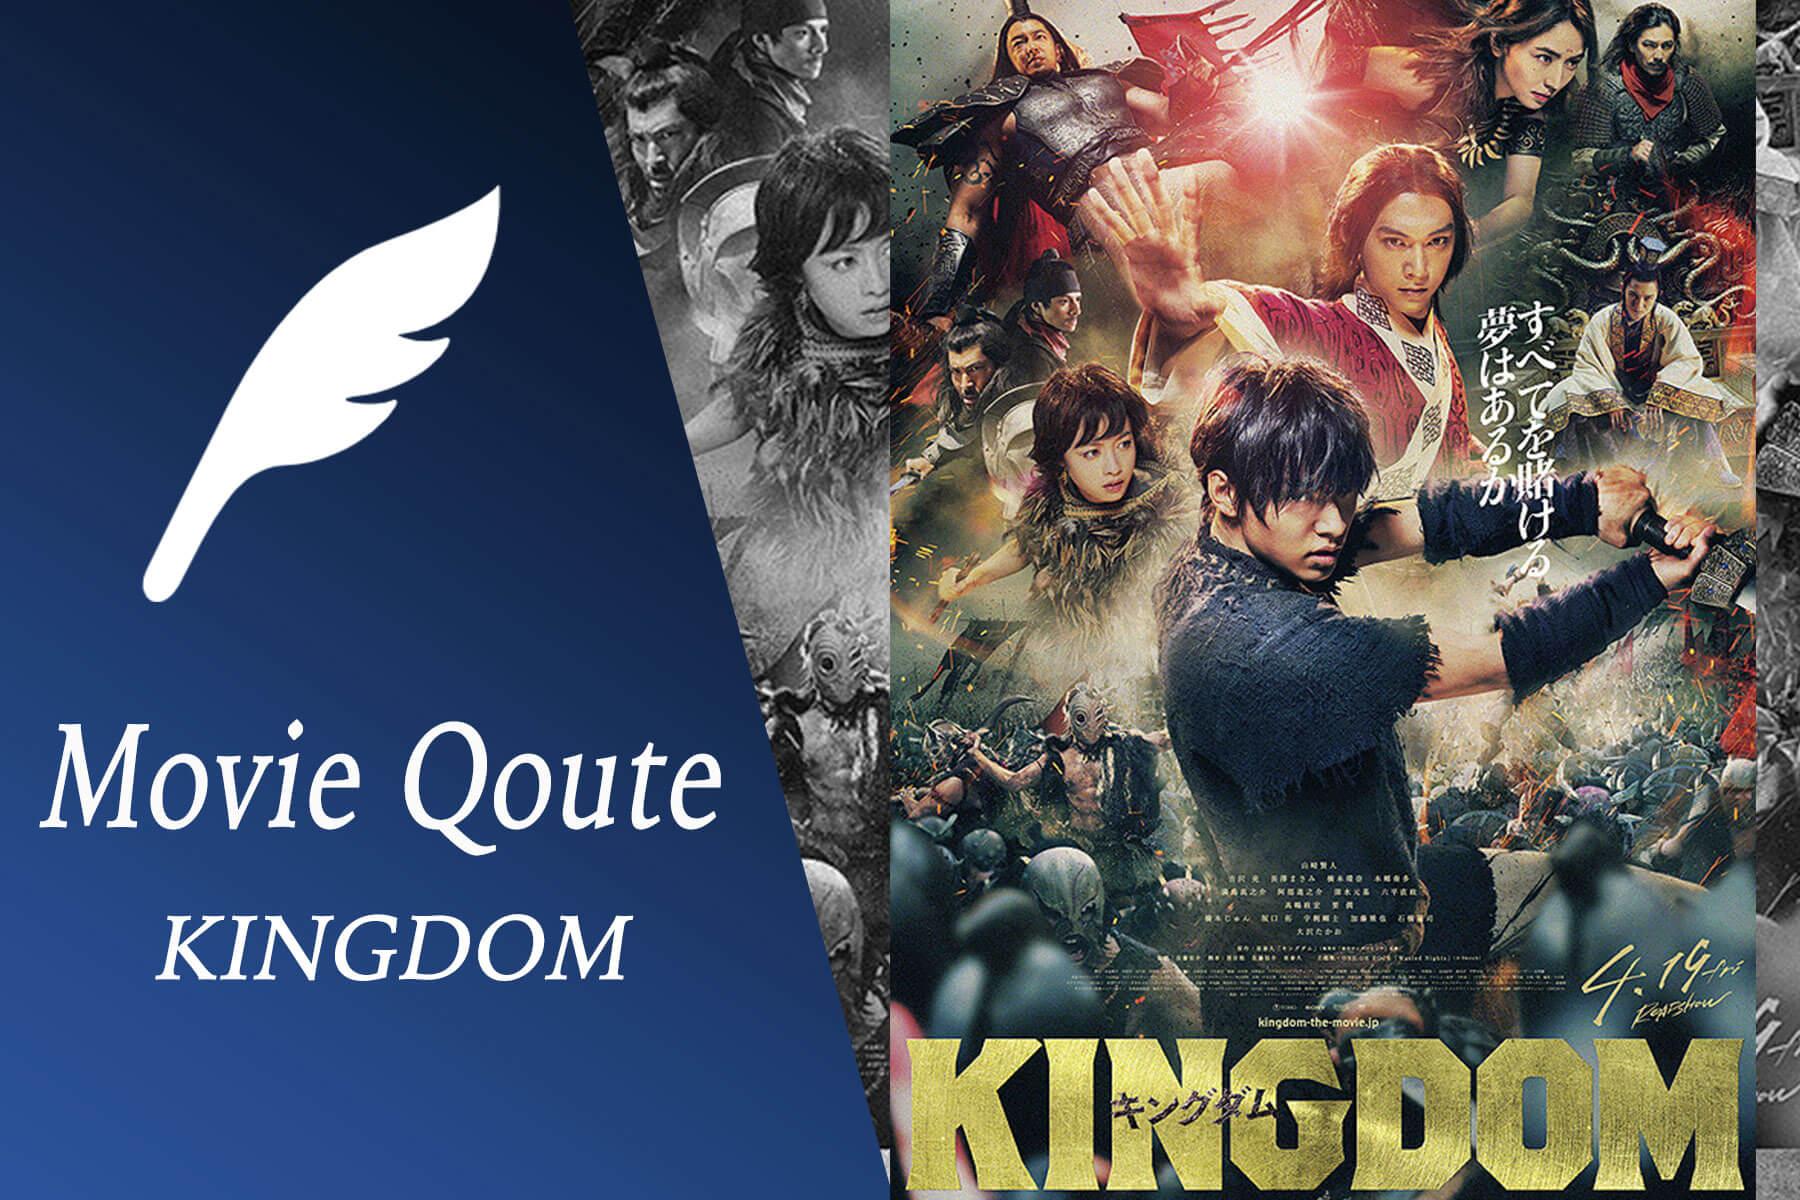 映画『キングダム』(2019)の名言・名セリフ一覧まとめ【画像付き】